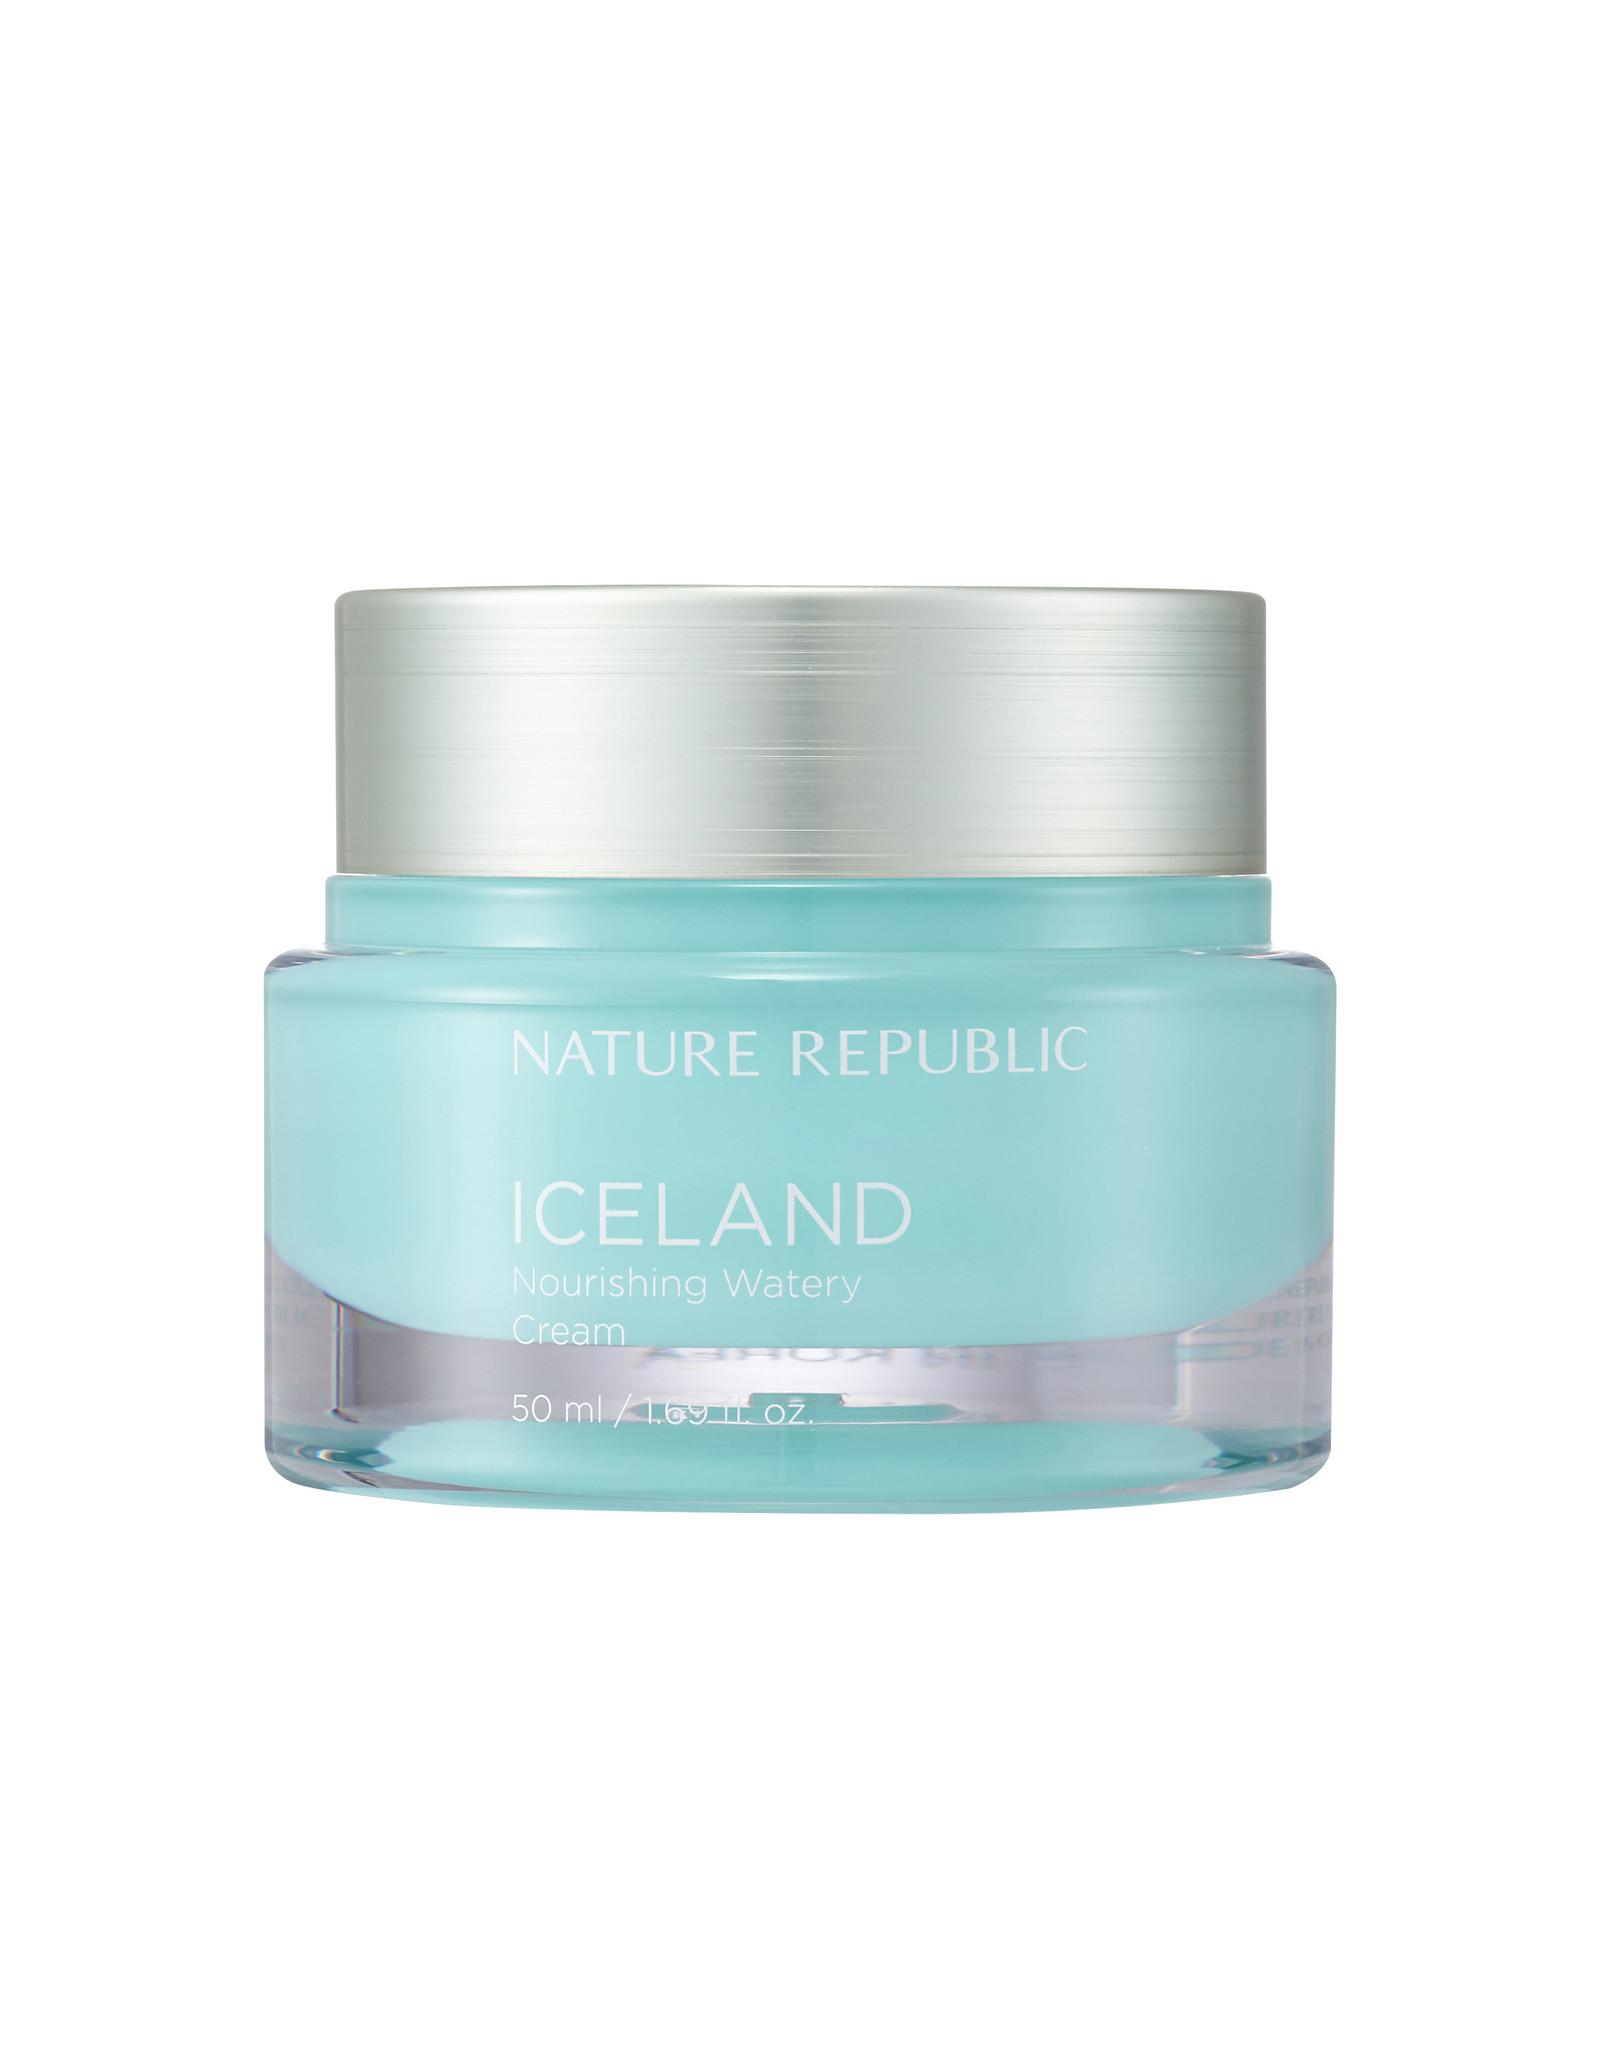 Iceland Nourishing Watery Cream